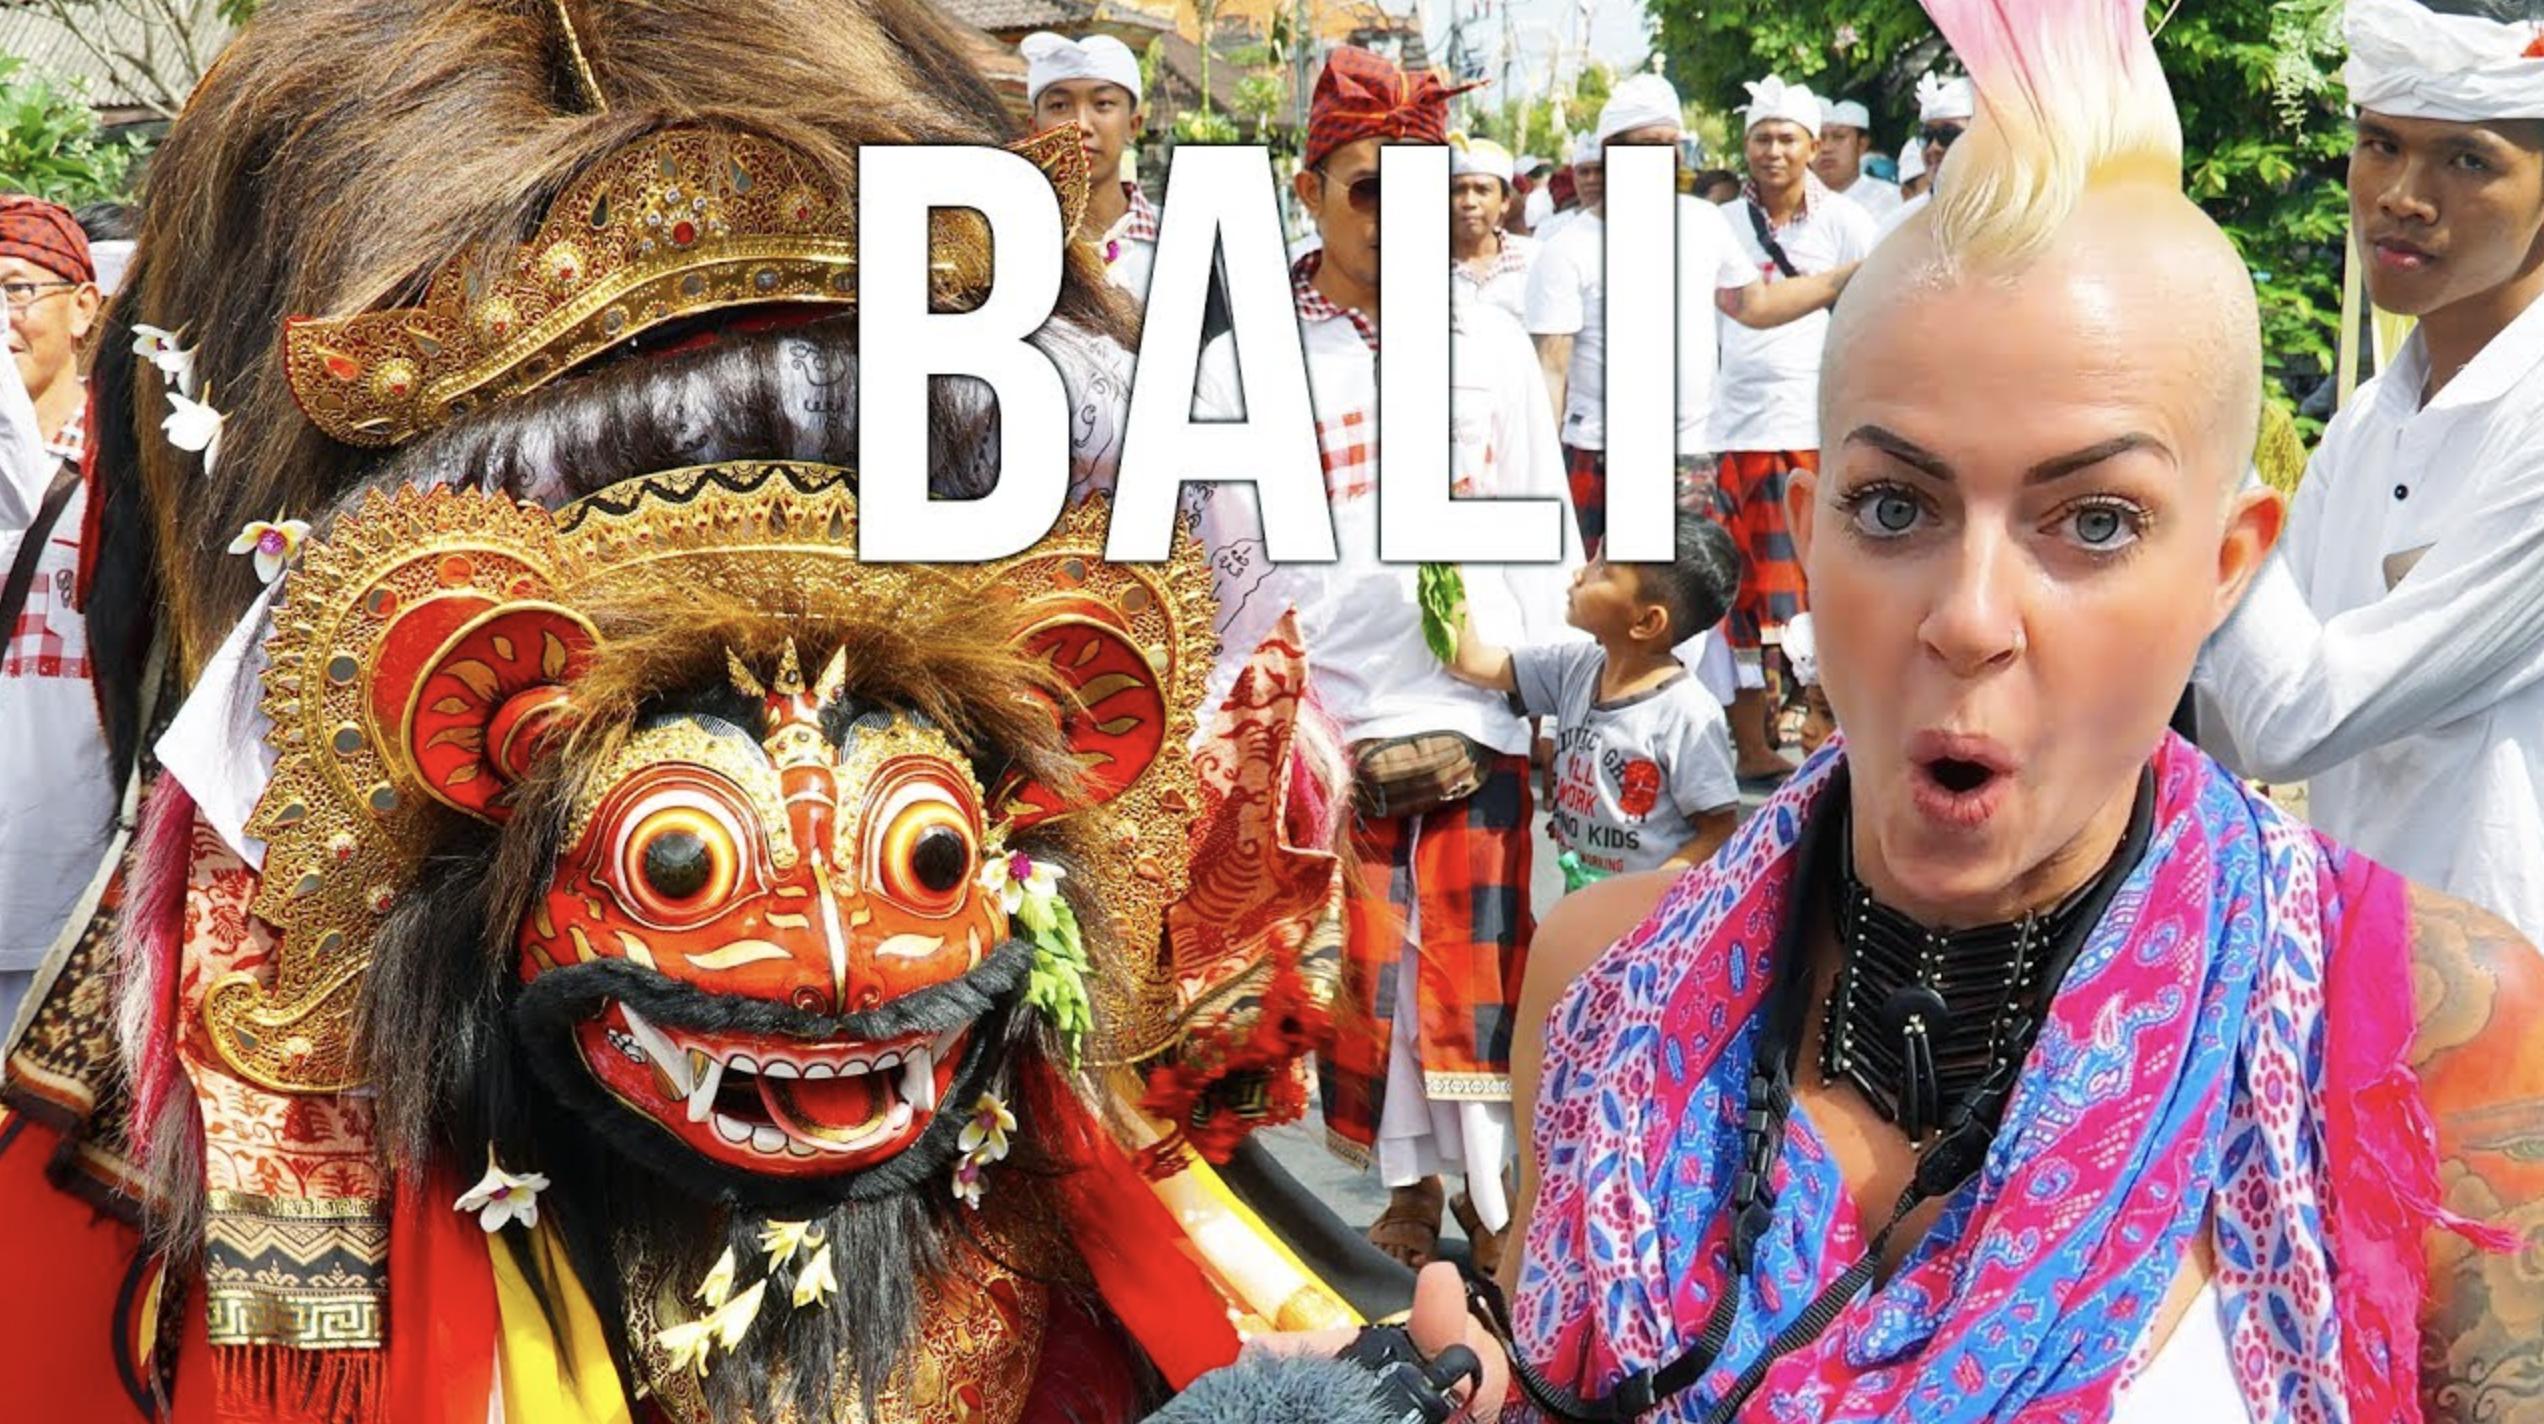 Bali culture!